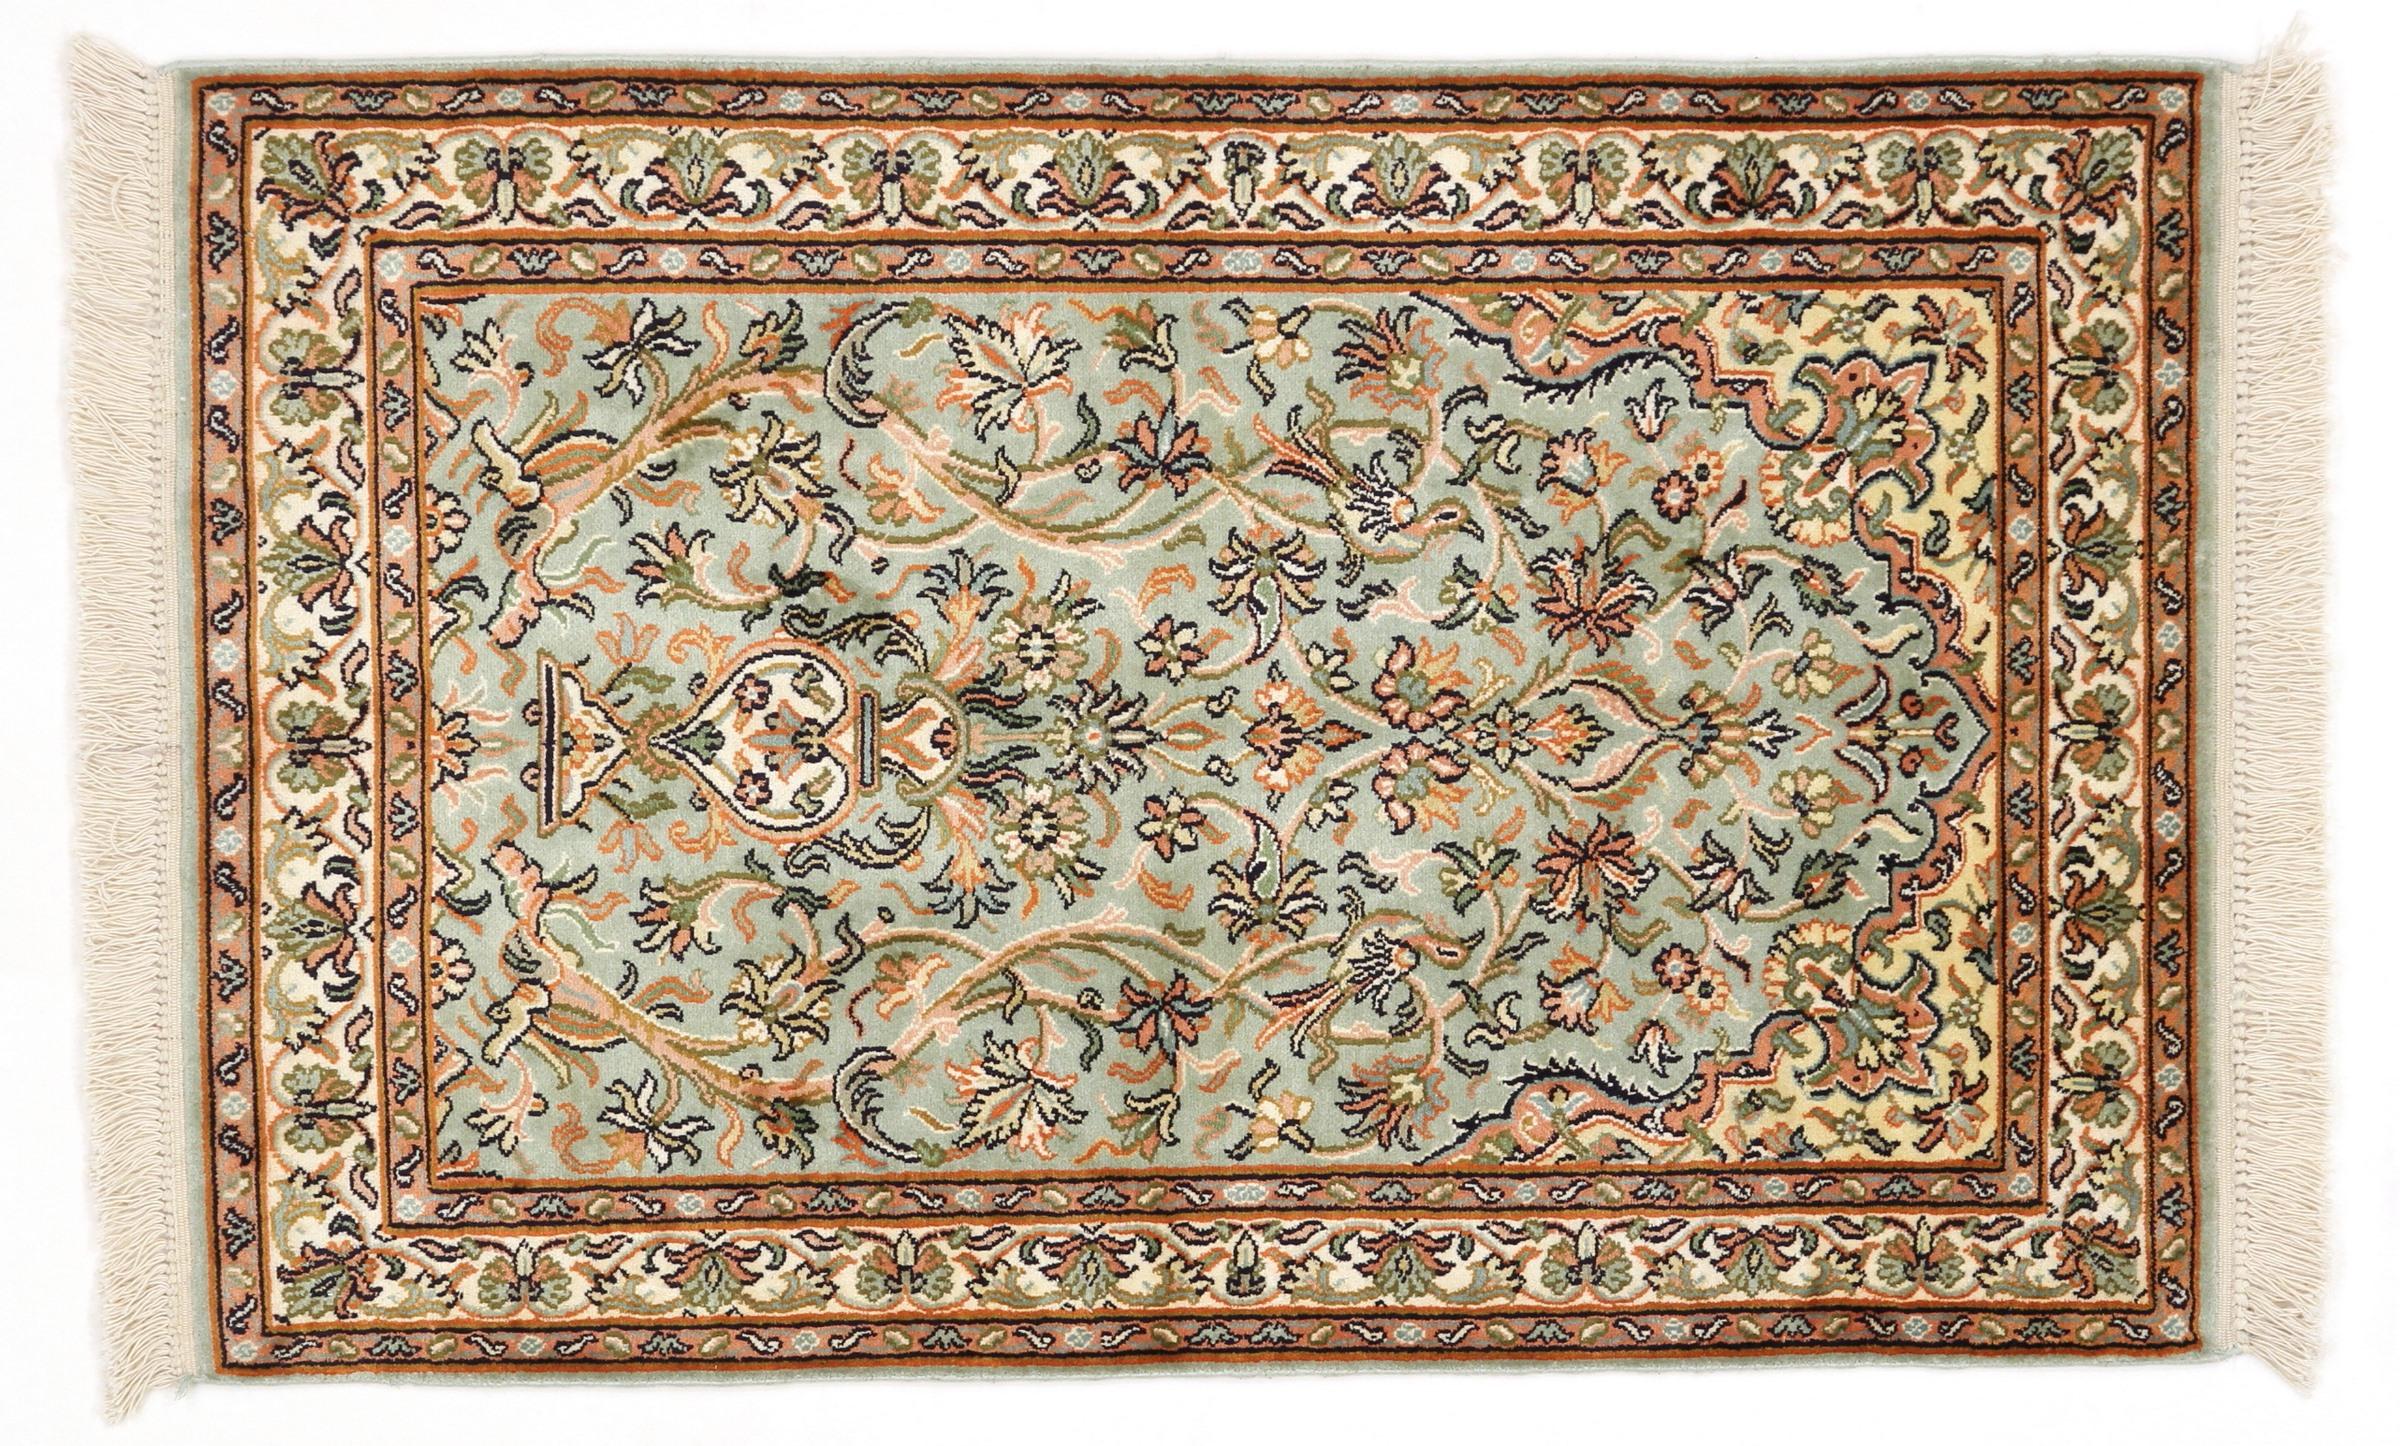 kaschmir reine seide indischer teppich 103x67 id20046. Black Bedroom Furniture Sets. Home Design Ideas